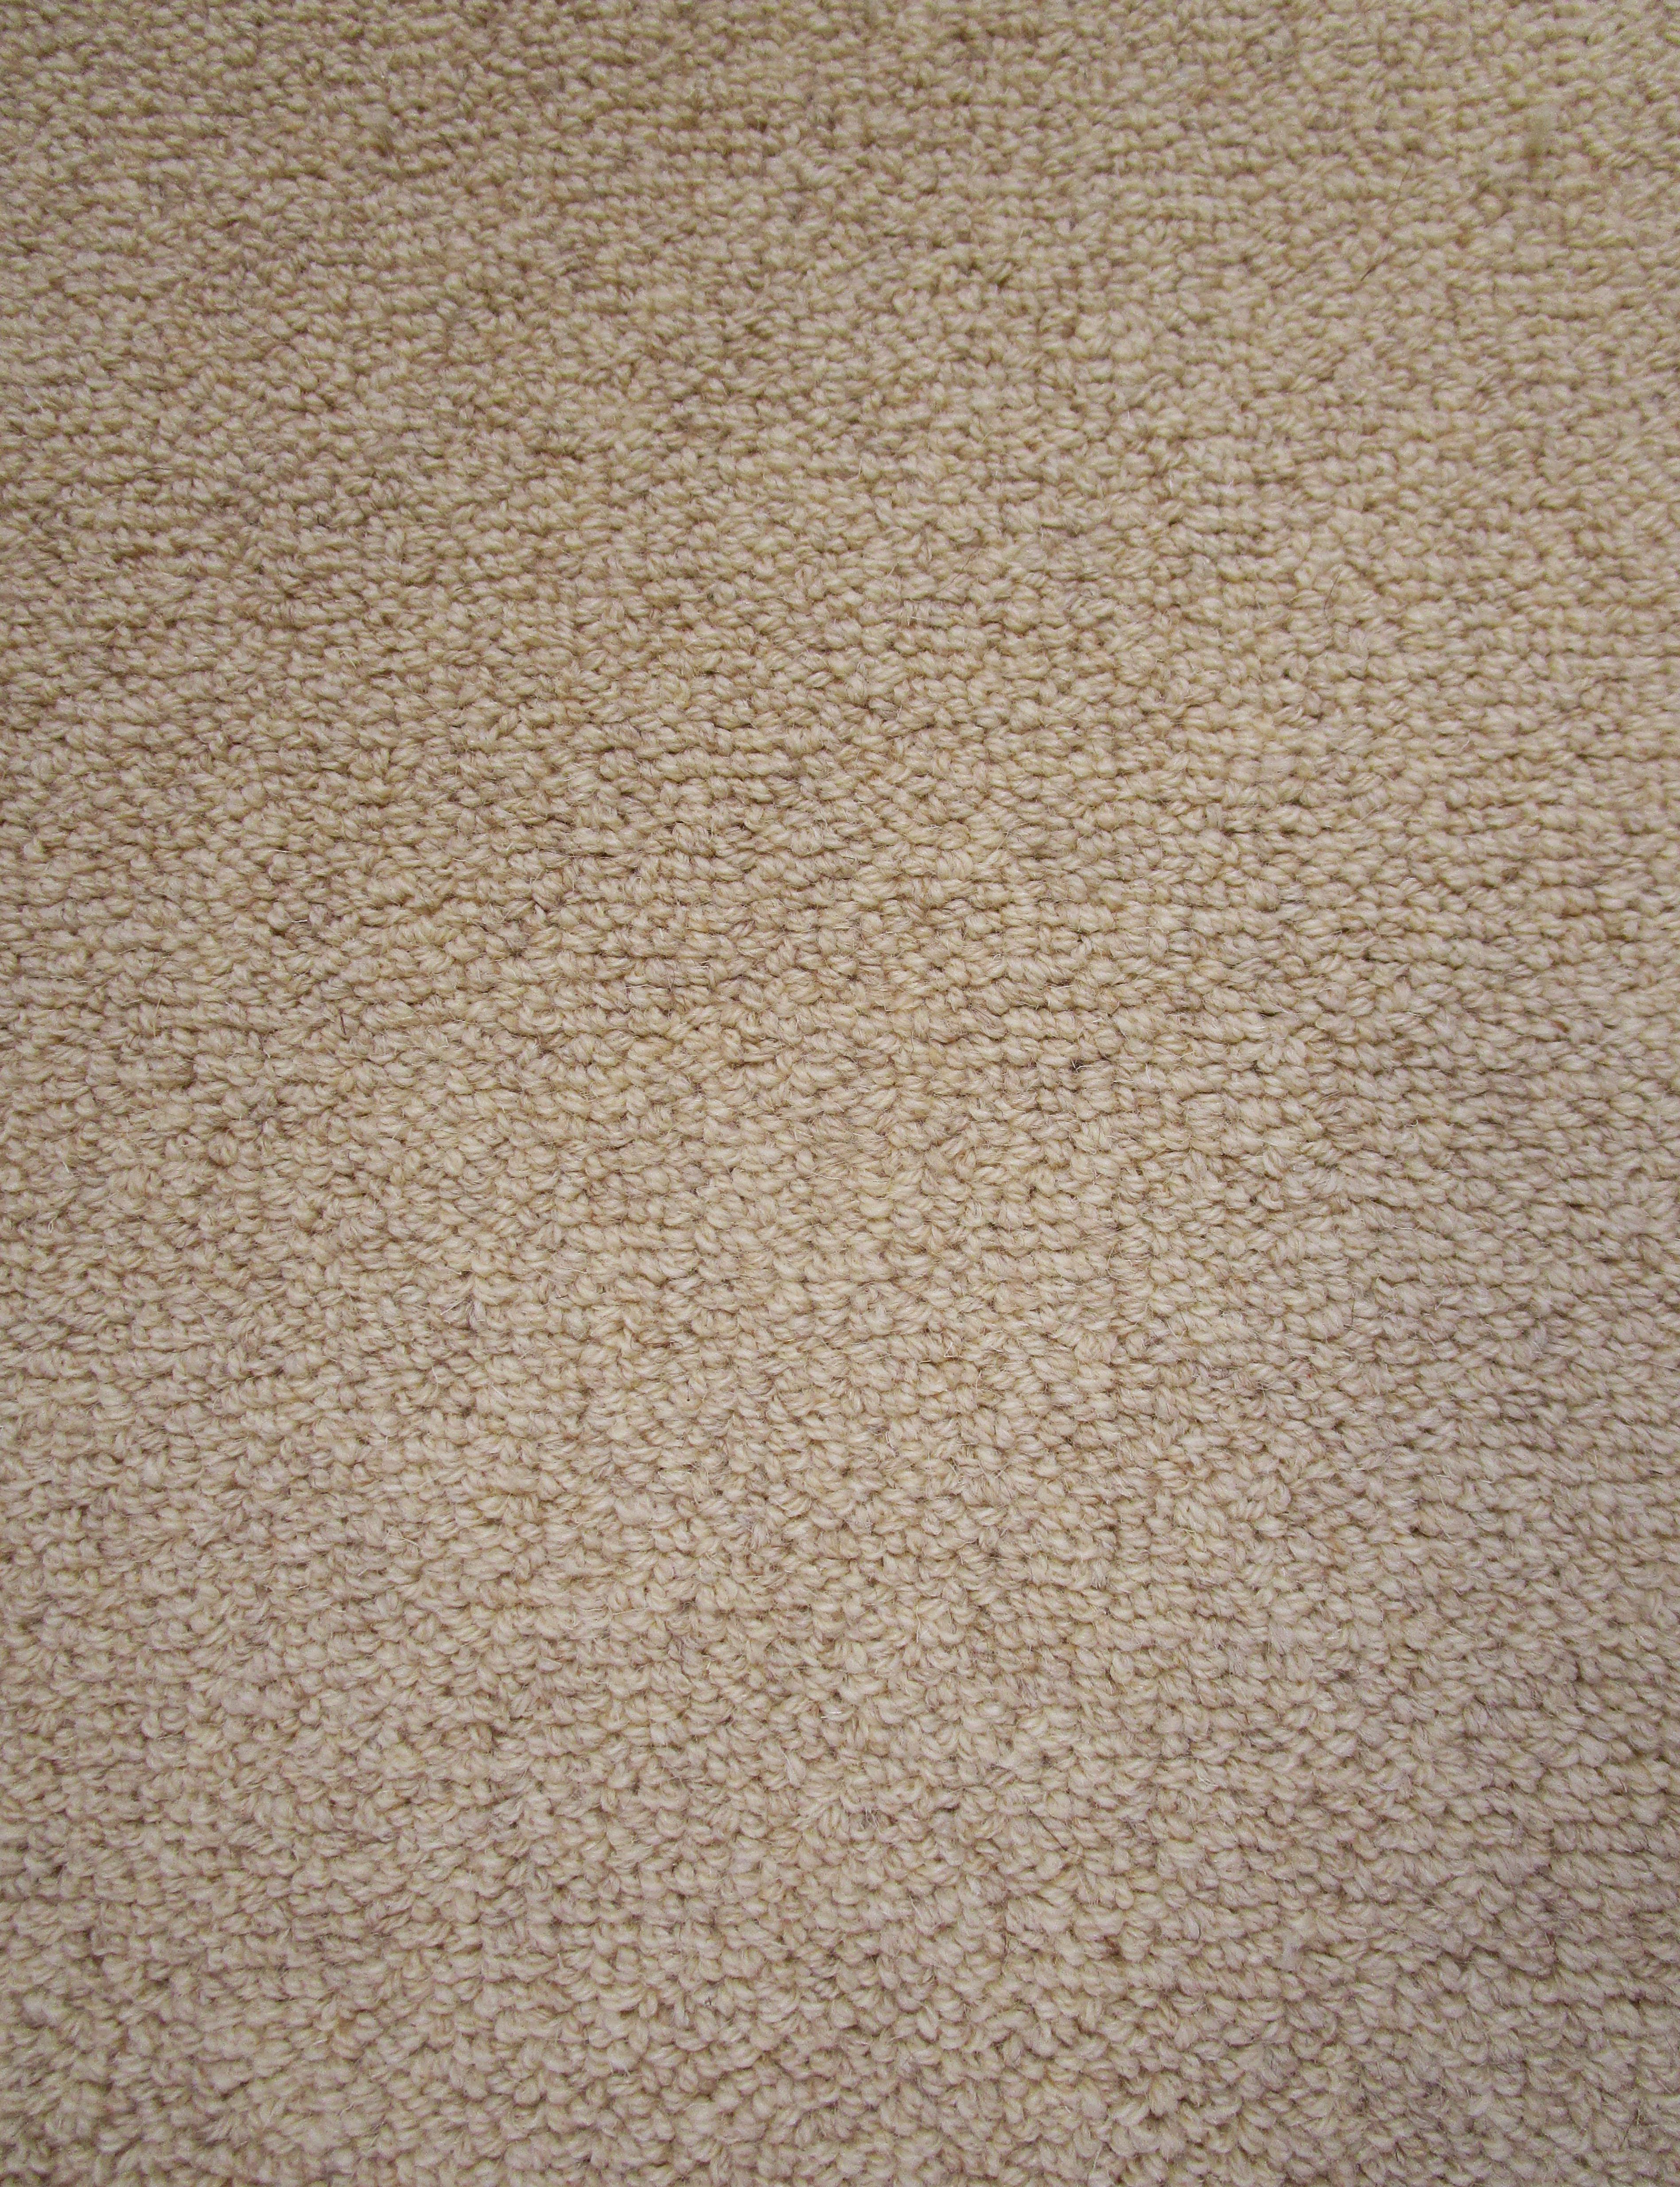 Z3 Sand Taupe Eco Friendly Loop Pile Wool Rug / Carpet